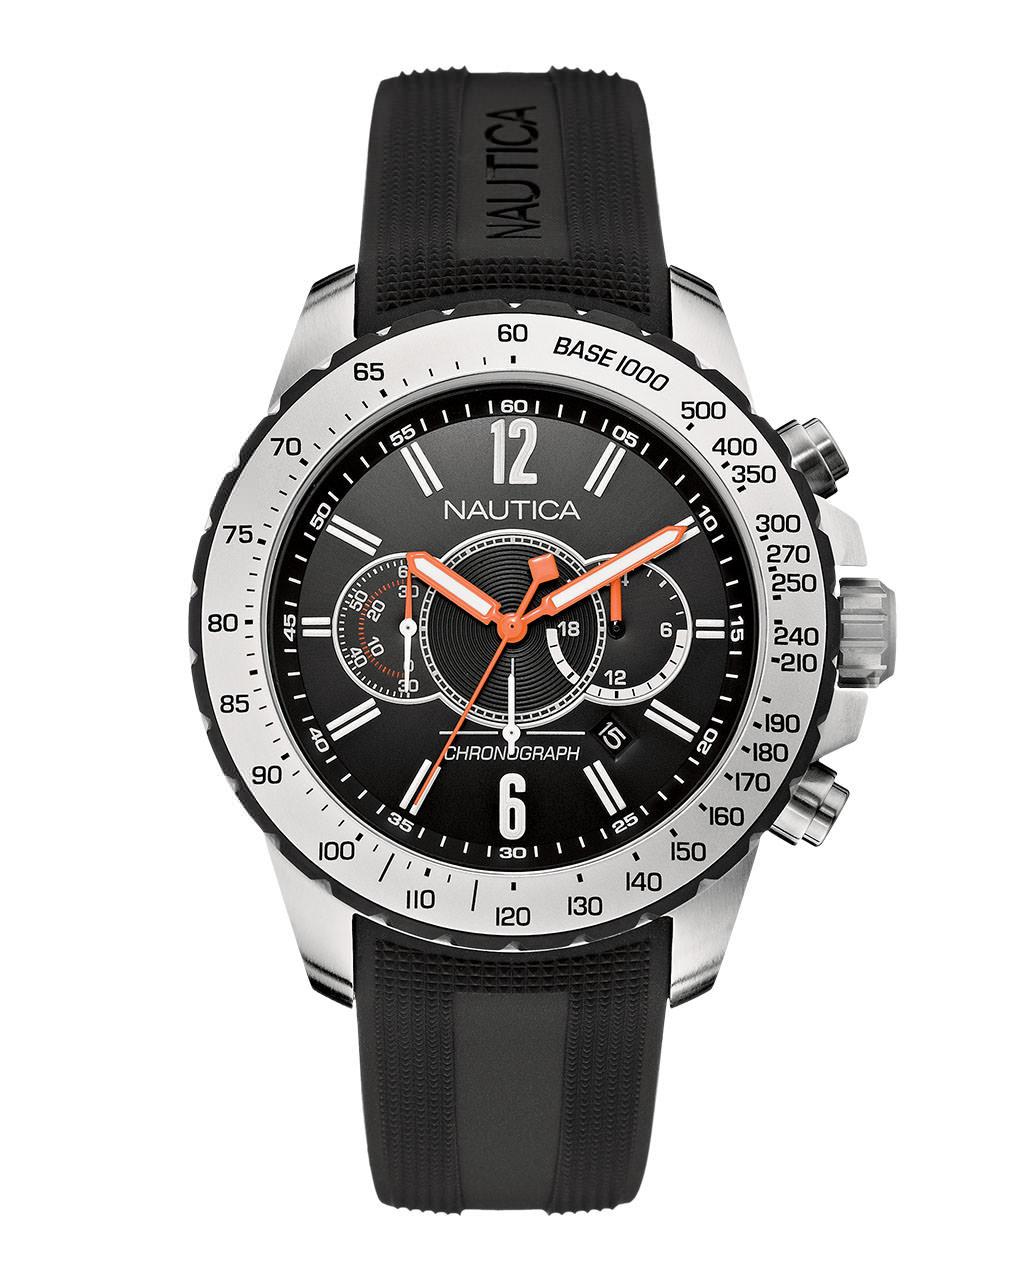 Ρολόι NAUTICA NCT 15 A19612G   brands nautica